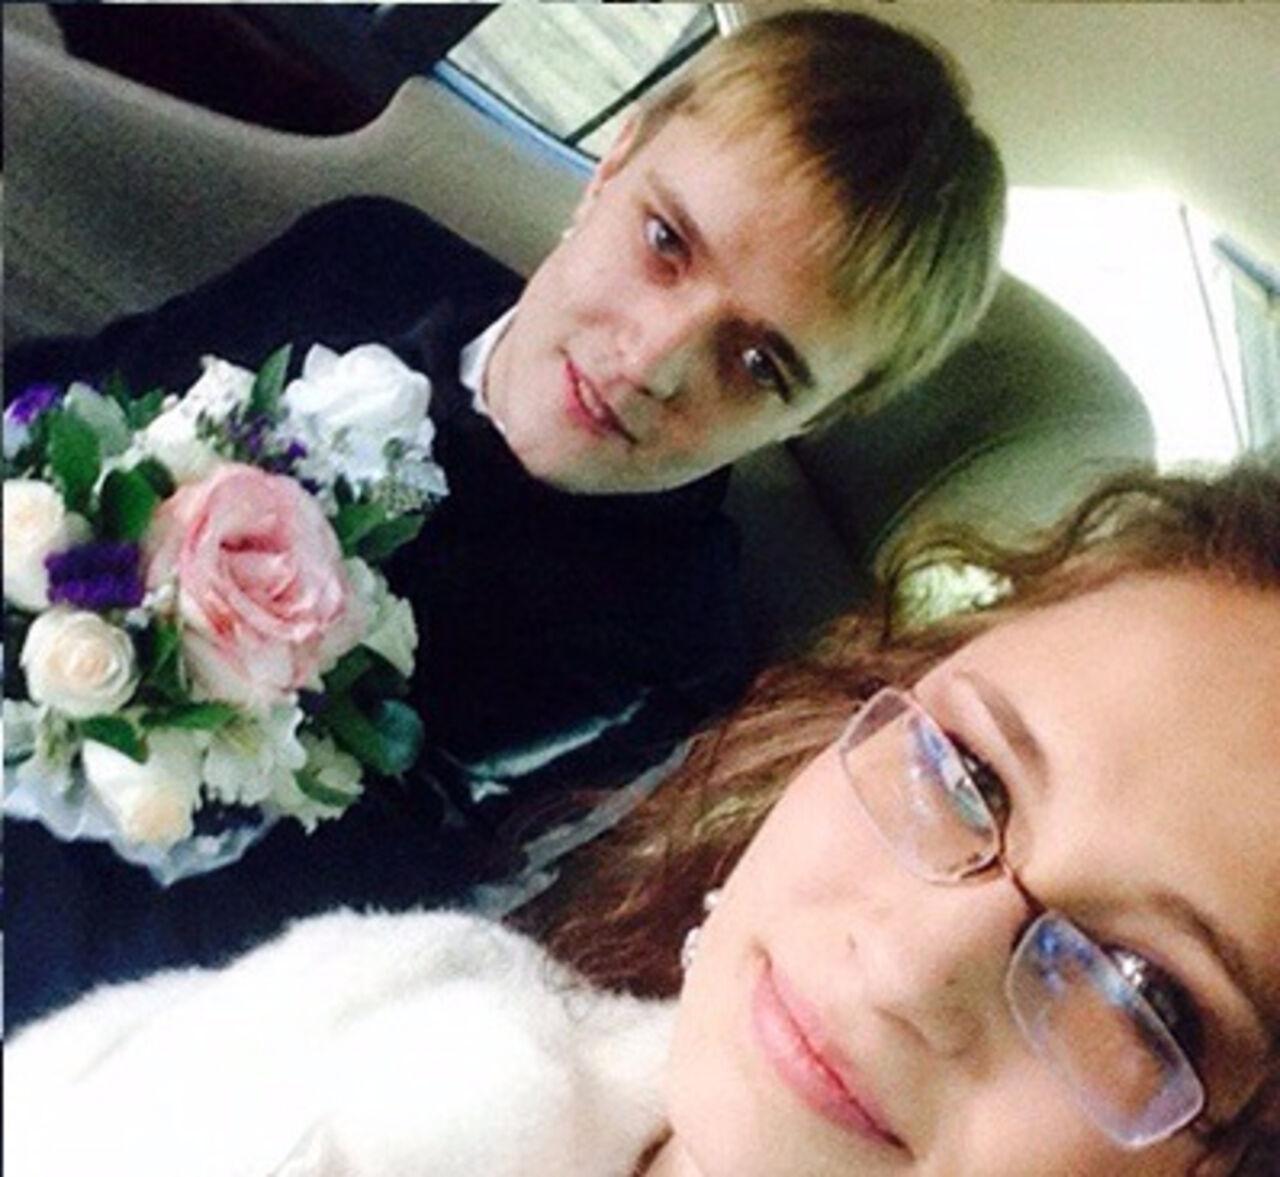 Сын стилиста и певца Сергея Зверева являющийся тёзкой своего отца разводится. Об этом сообщил портал